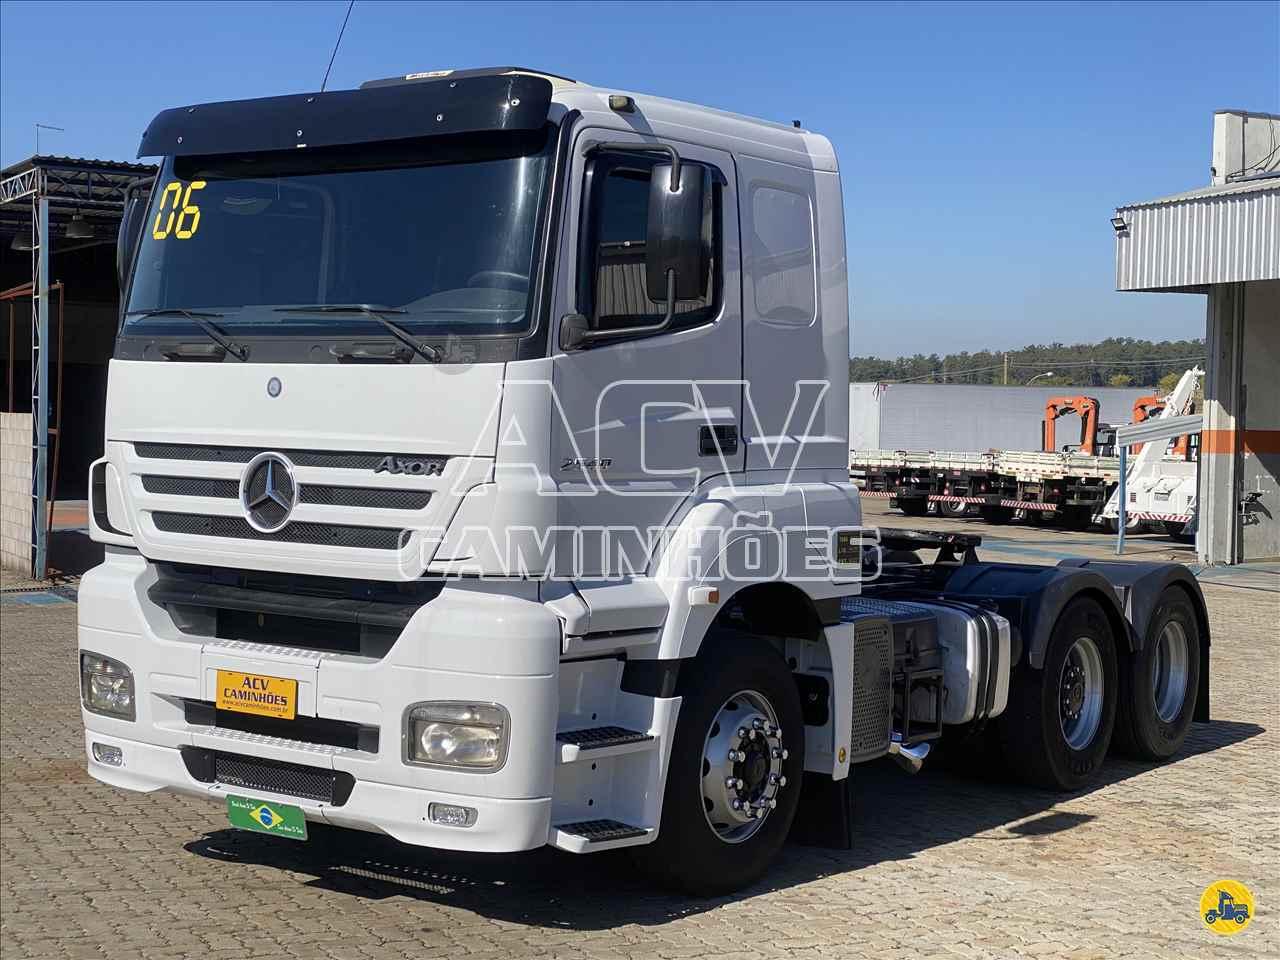 CAMINHAO MERCEDES-BENZ MB 2540 Cavalo Mecânico Truck 6x2 ACV Caminhões CURITIBA PARANÁ PR